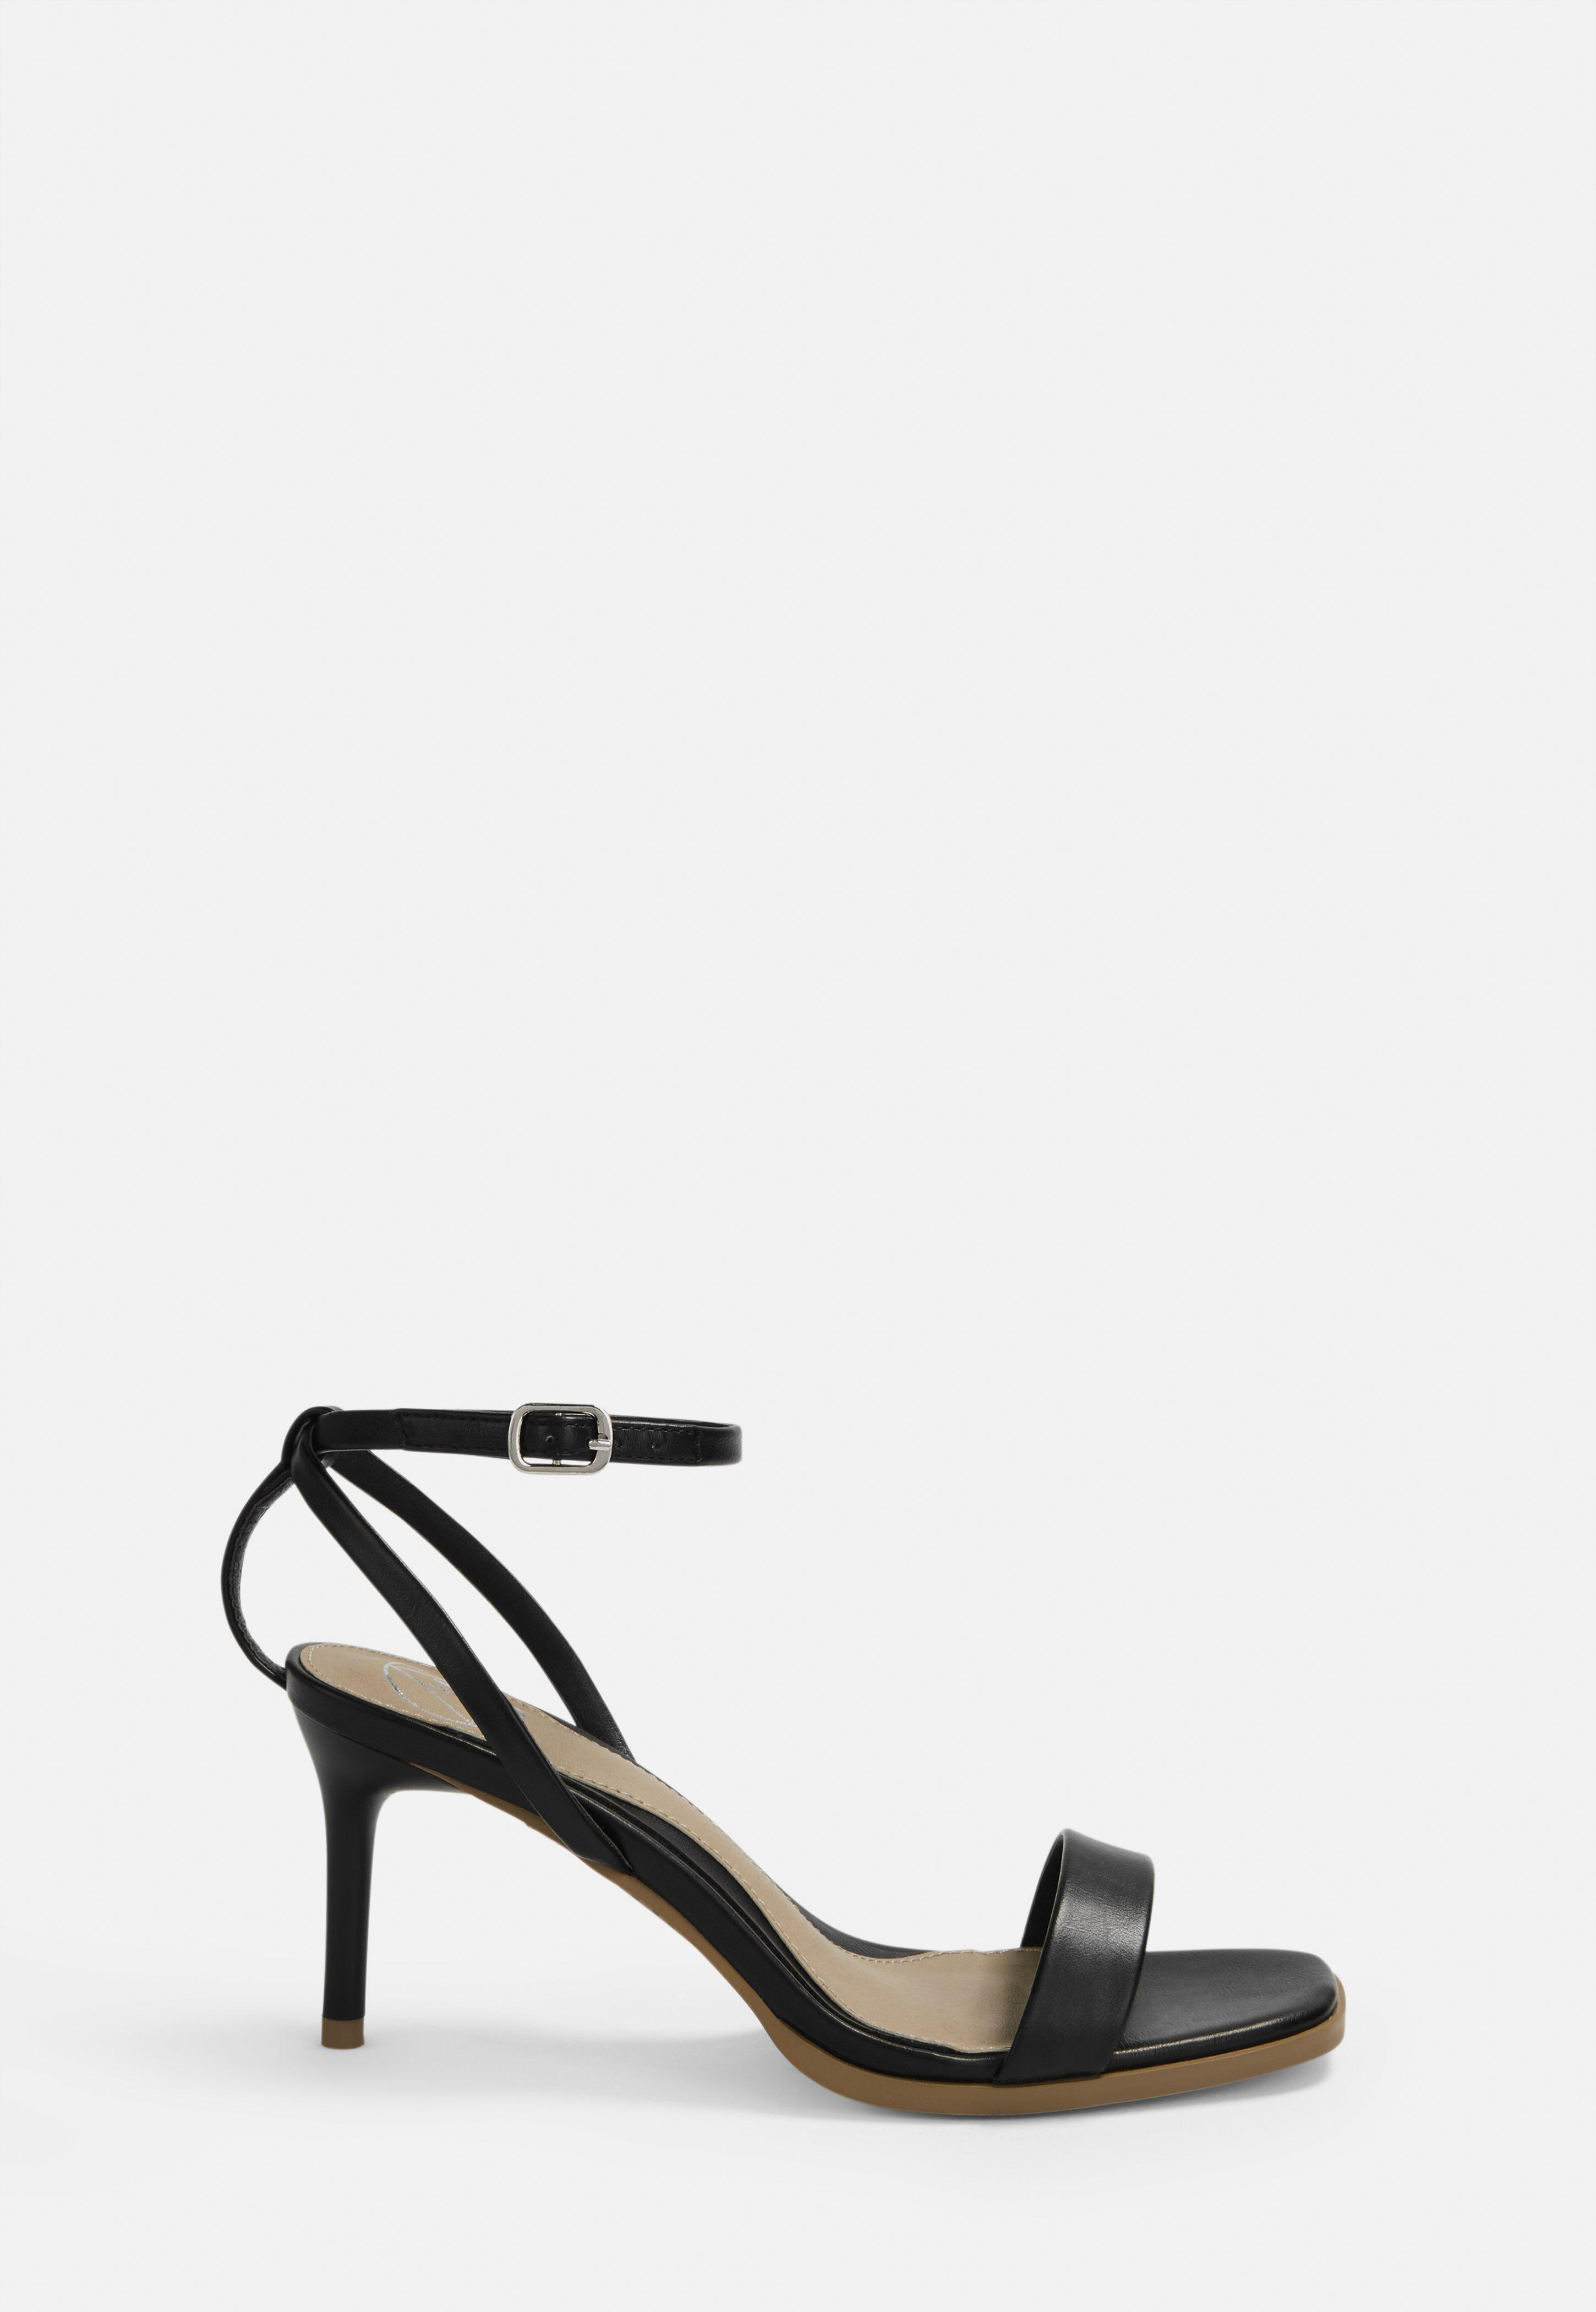 Czarne sandały na średniej szpilce | Missguided